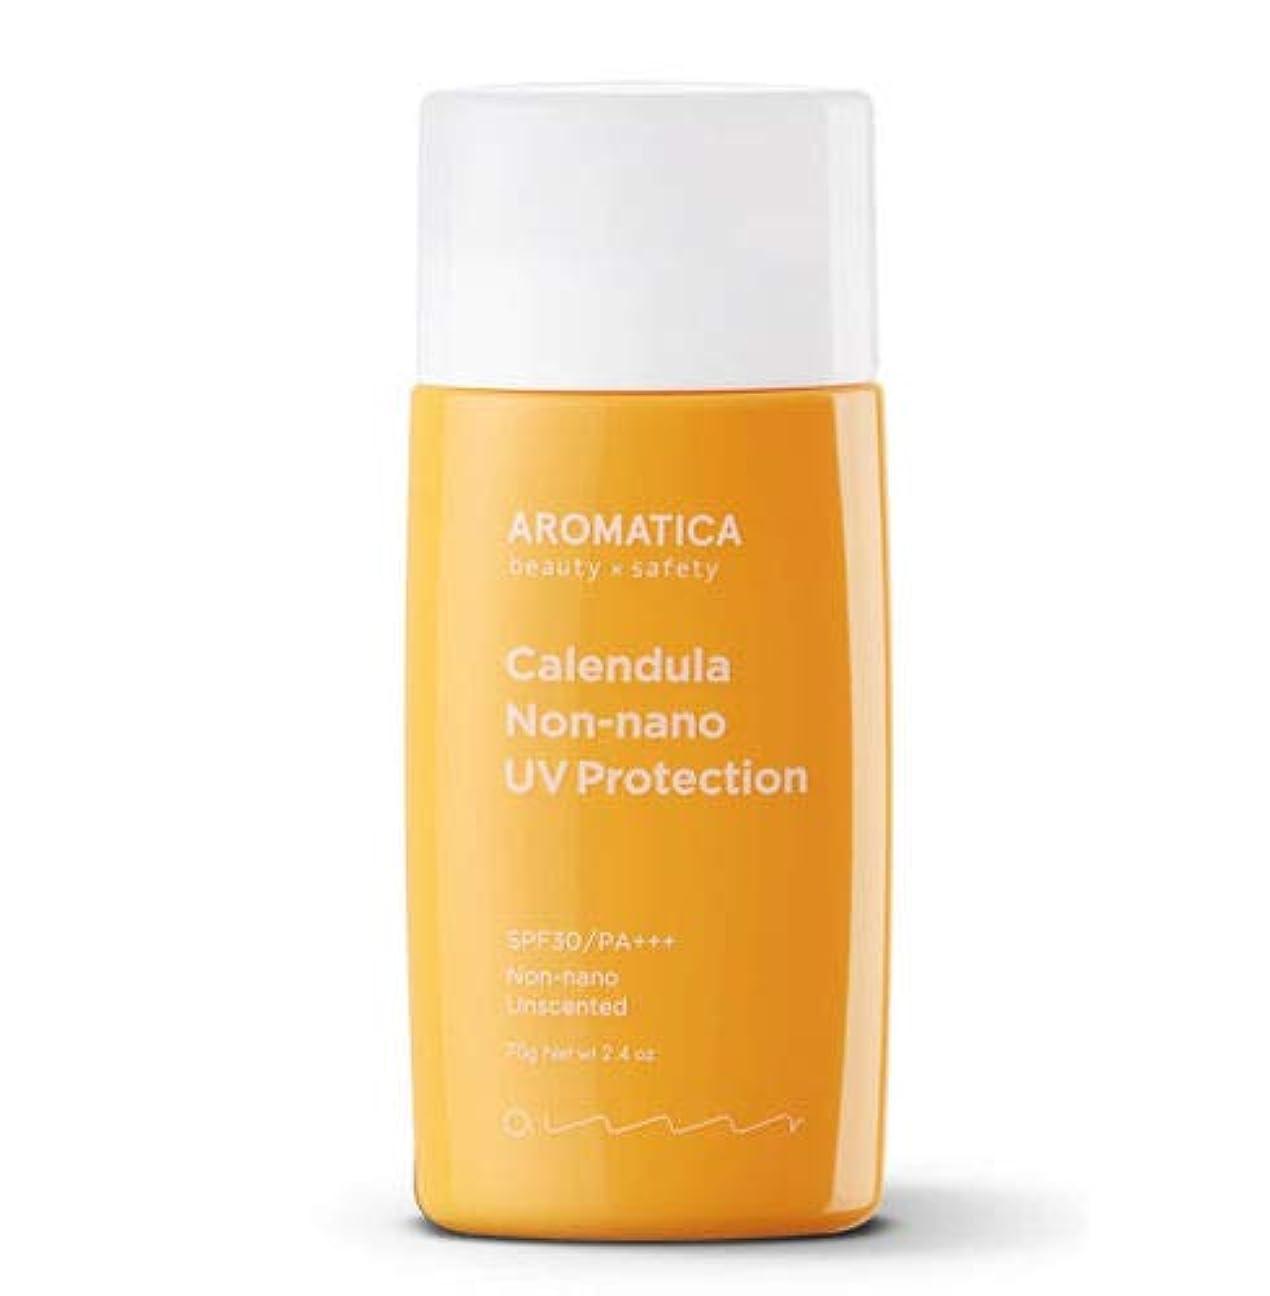 バレル粗い上げるAROMATICA アロマティカ Calendula NON-NANO UV Protection Unscented サンクリーム 70g SPF30/PA+++ 米国 日焼け止め